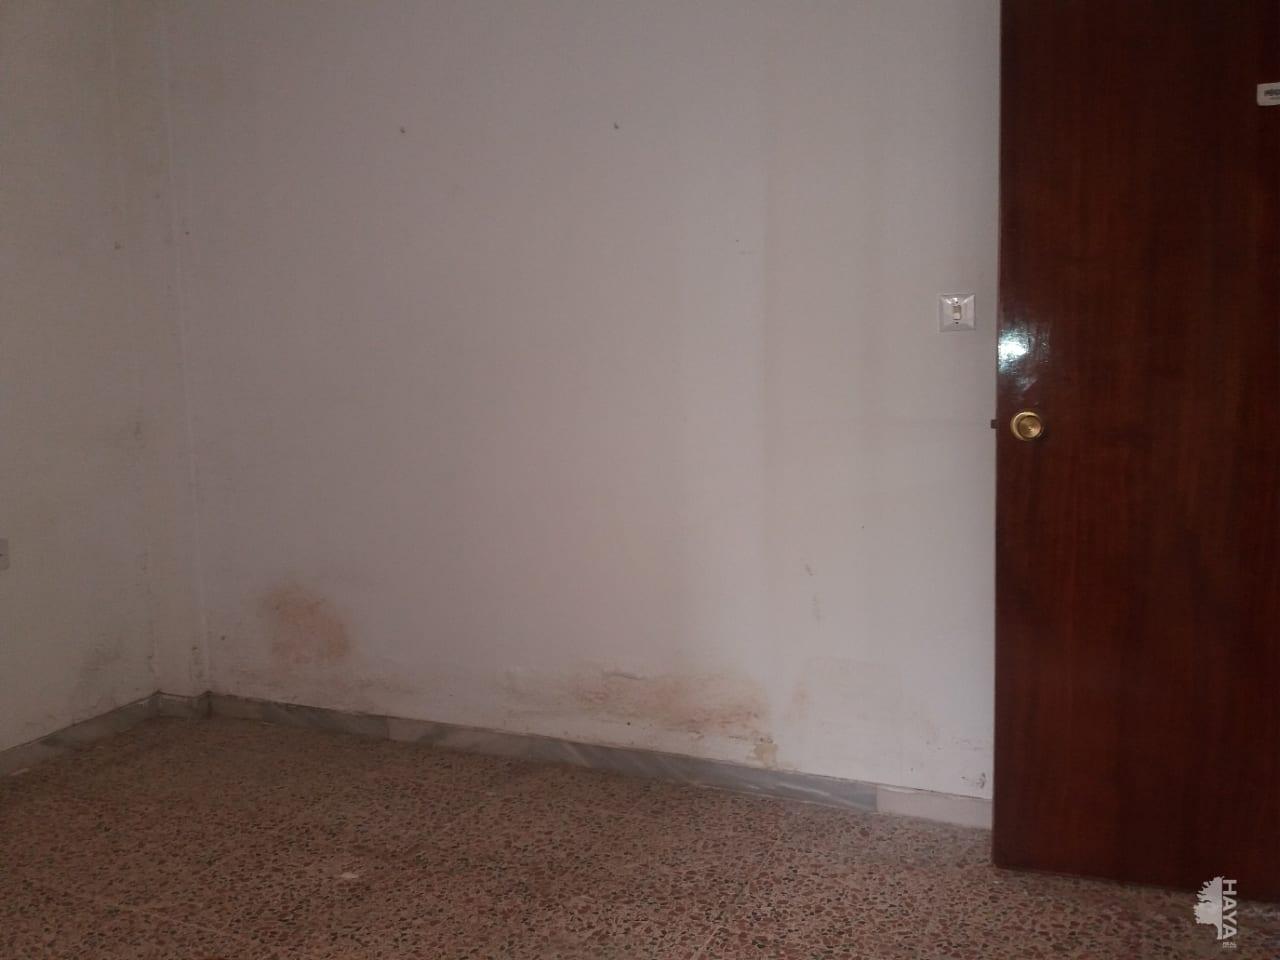 Piso en venta en Almedina, Almería, Almería, Calle Jimenez, 77.805 €, 3 habitaciones, 1 baño, 92 m2